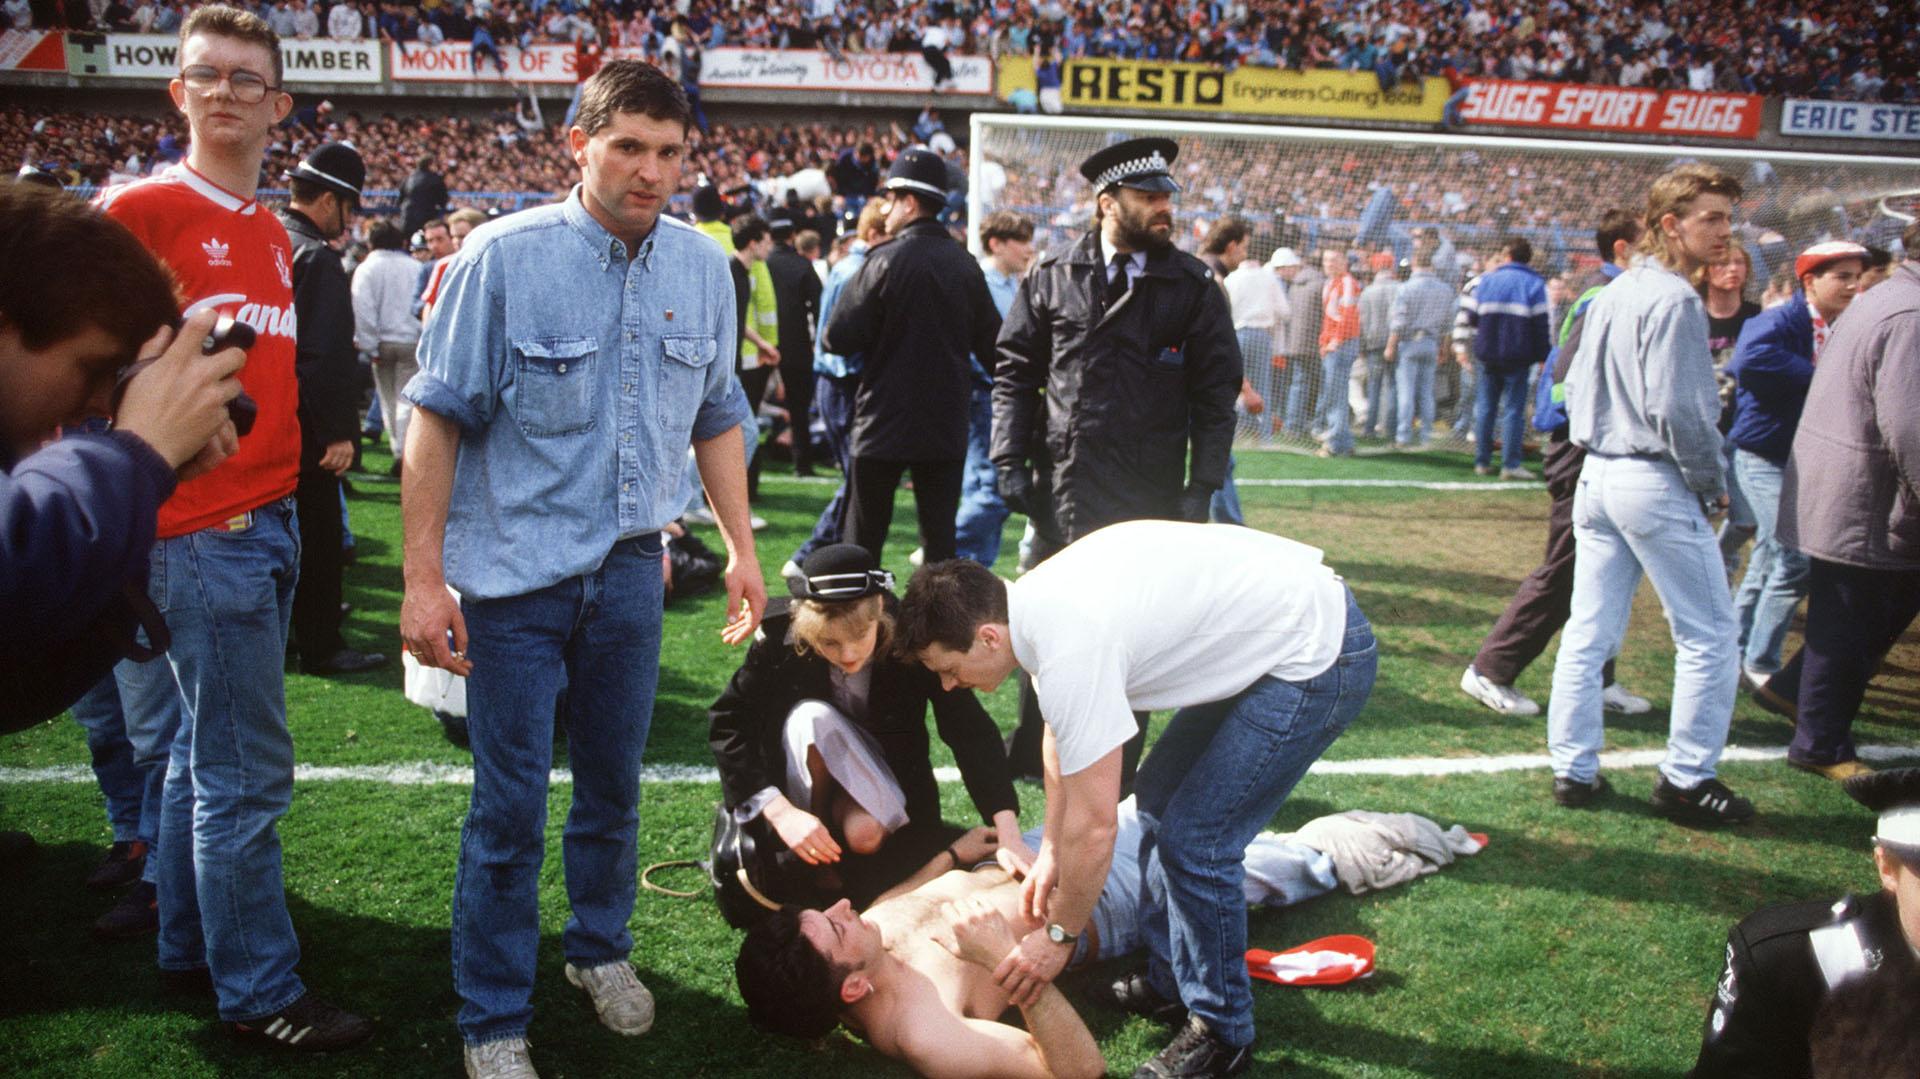 Los rescatistas ayudan a los fanáticos del fútbol en el estadio Hillsborough en Sheffield el 15 de abril de 1989, cuando 96simpatizantesdel Liverpool Football Club murieron aplastados y cientos resultaron heridos luego de que se derrumbaran las barandillas de apoyo durante una semifinal de la FA Cup entre Liverpool y Nottingham Forest